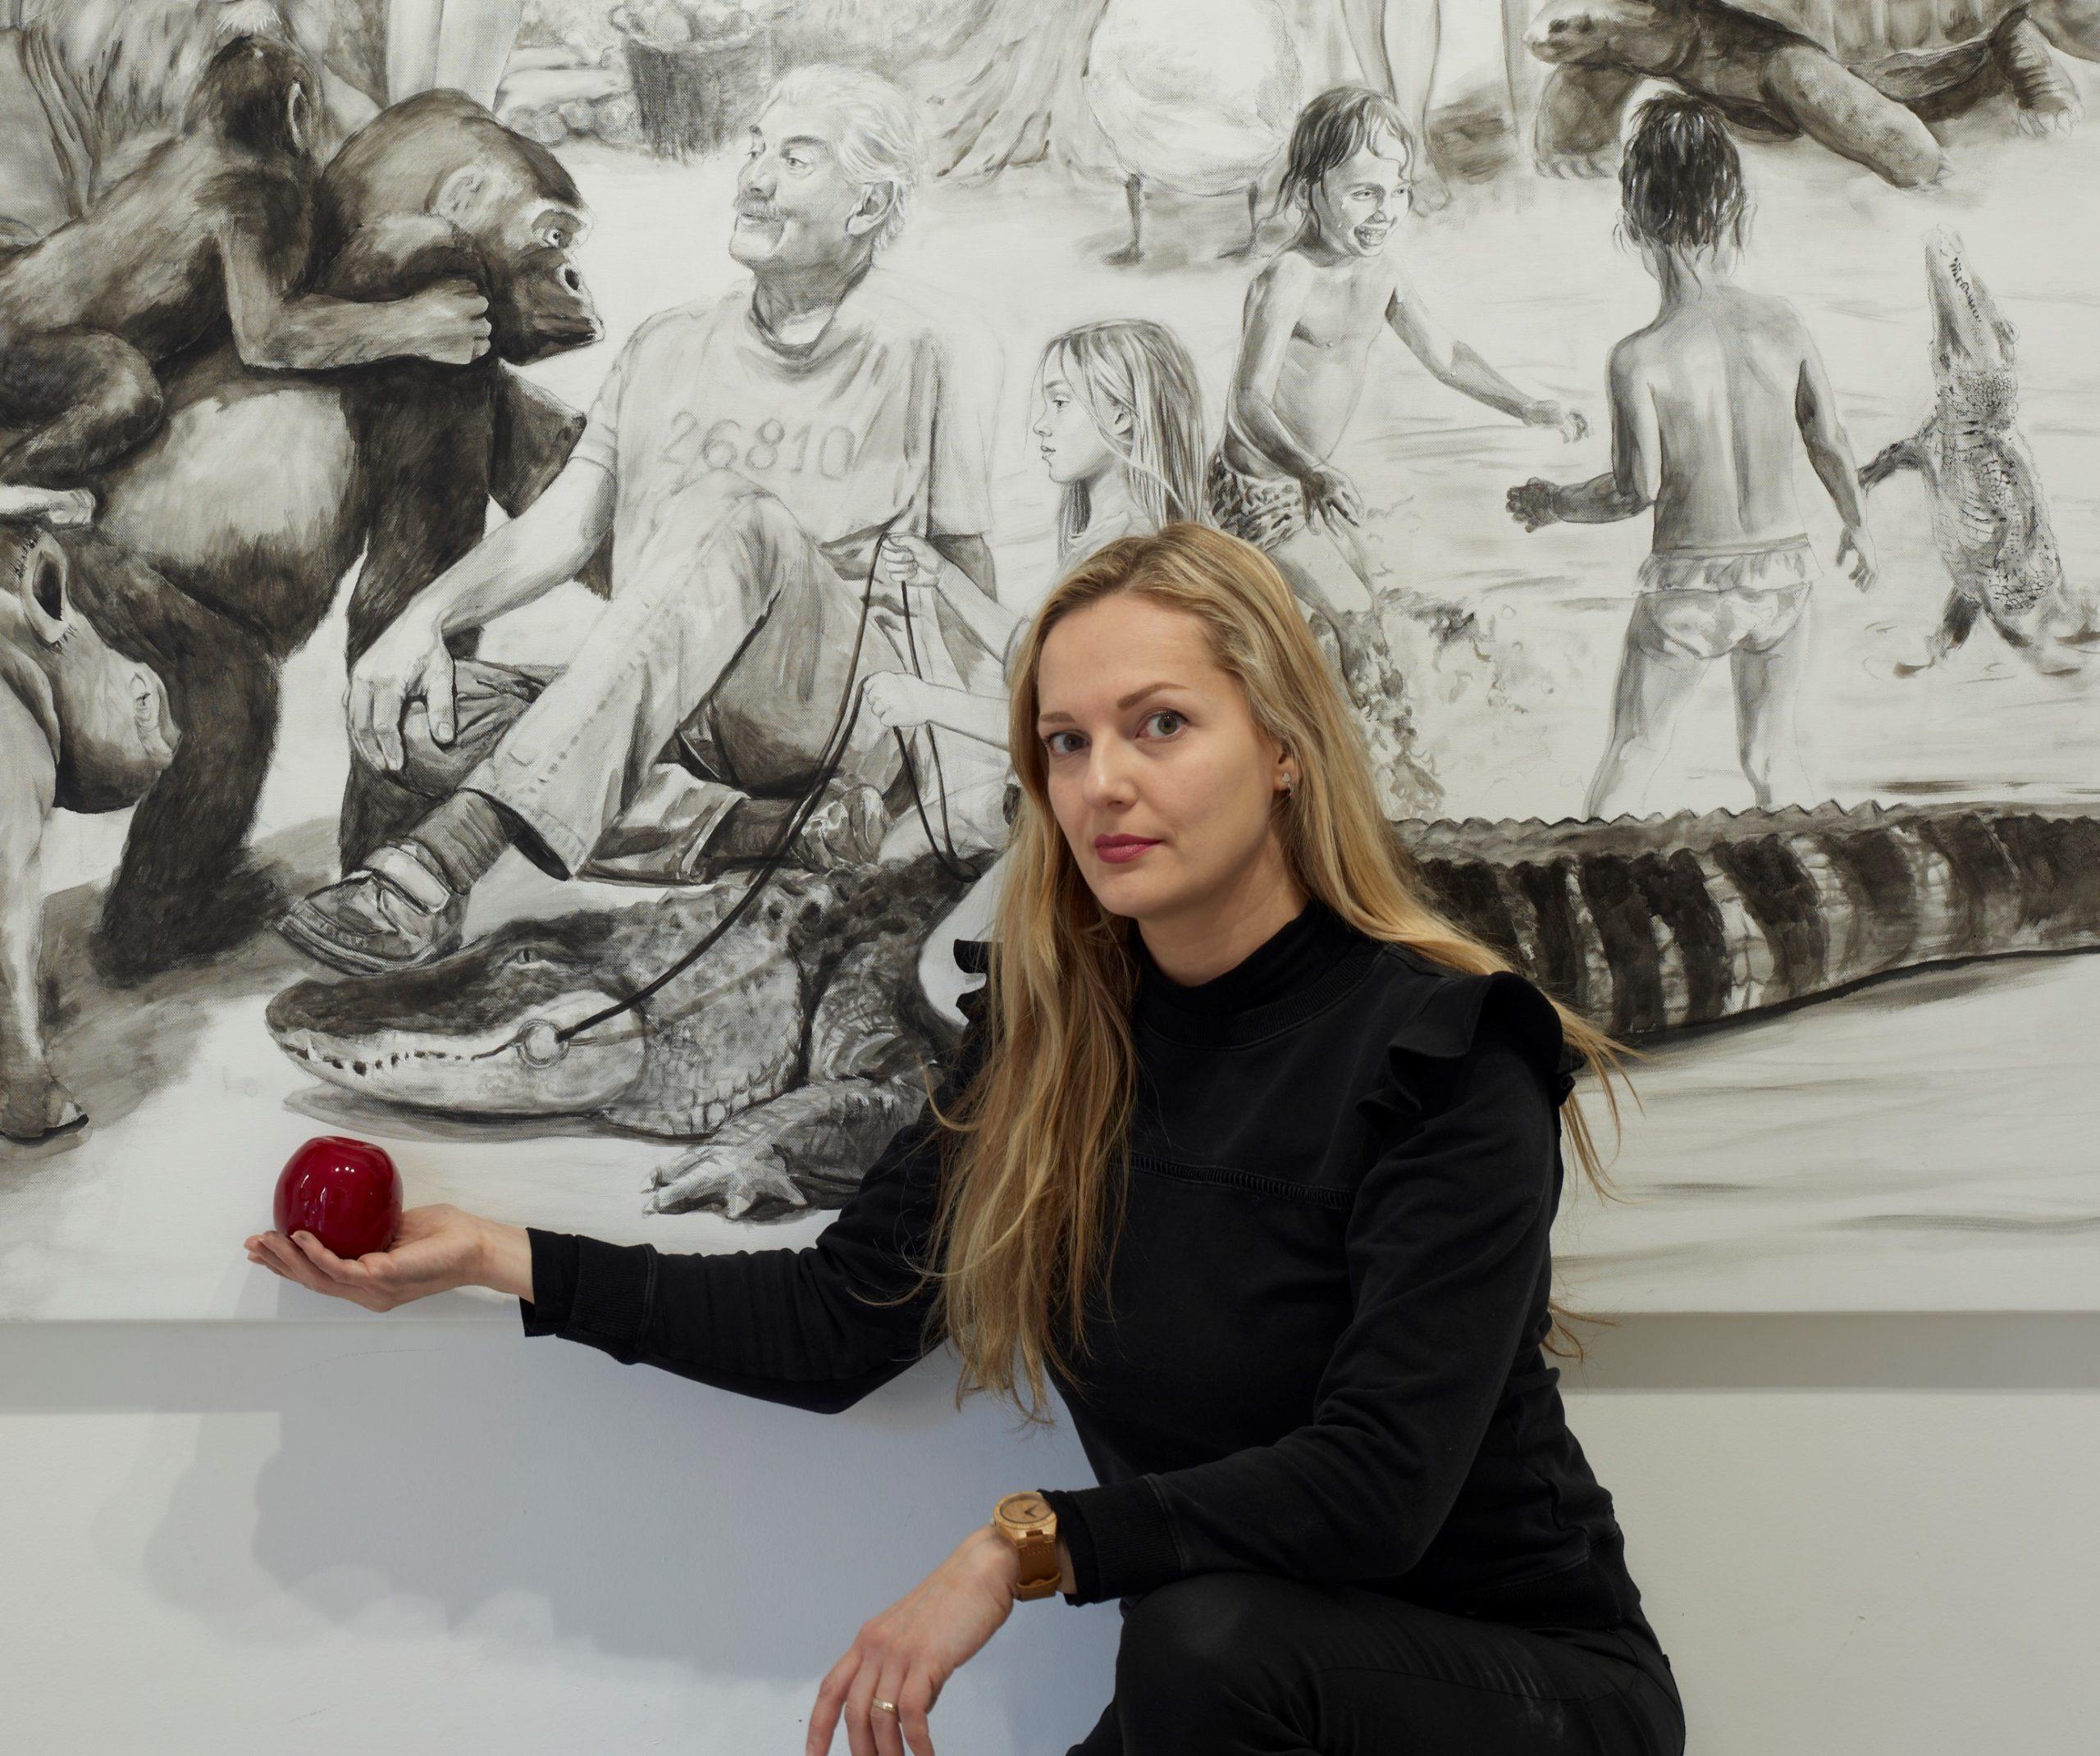 sveta marlier artiste peintre de la galerie 22